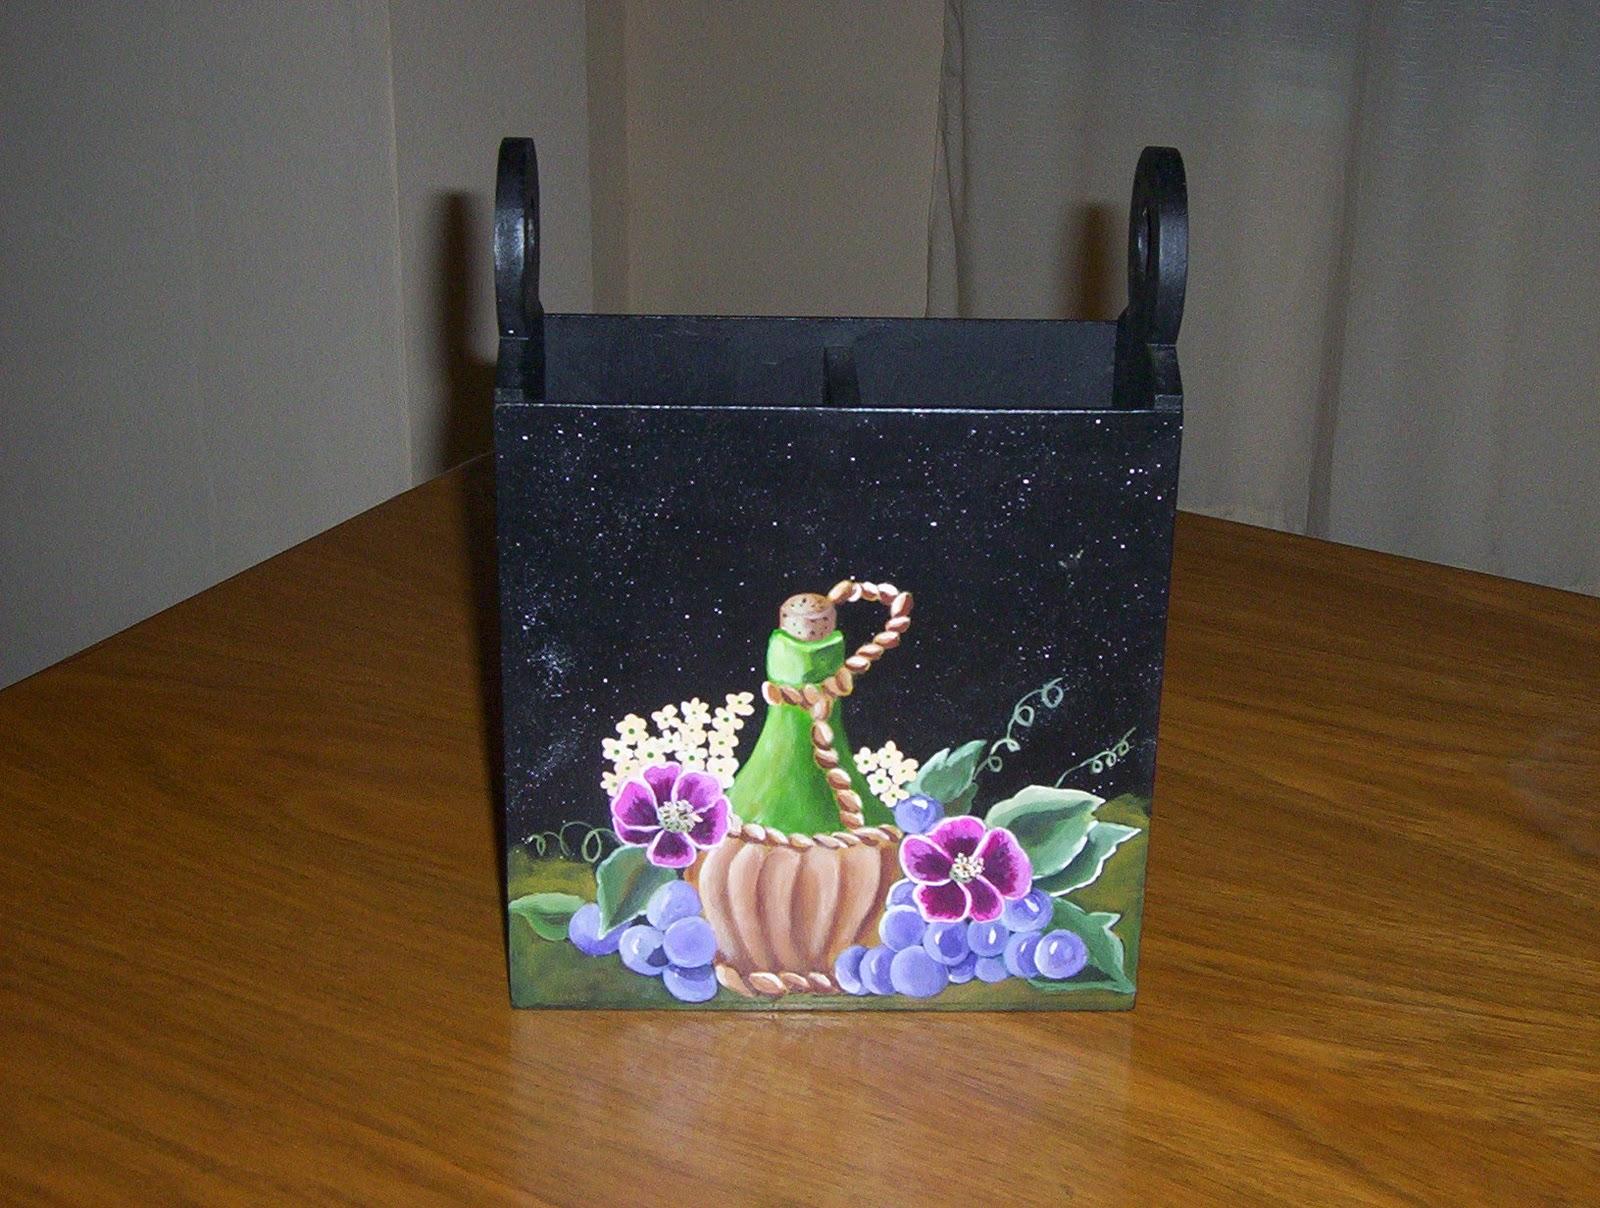 Rosario manualidades cajas pintadas - Manualidades a mano ...